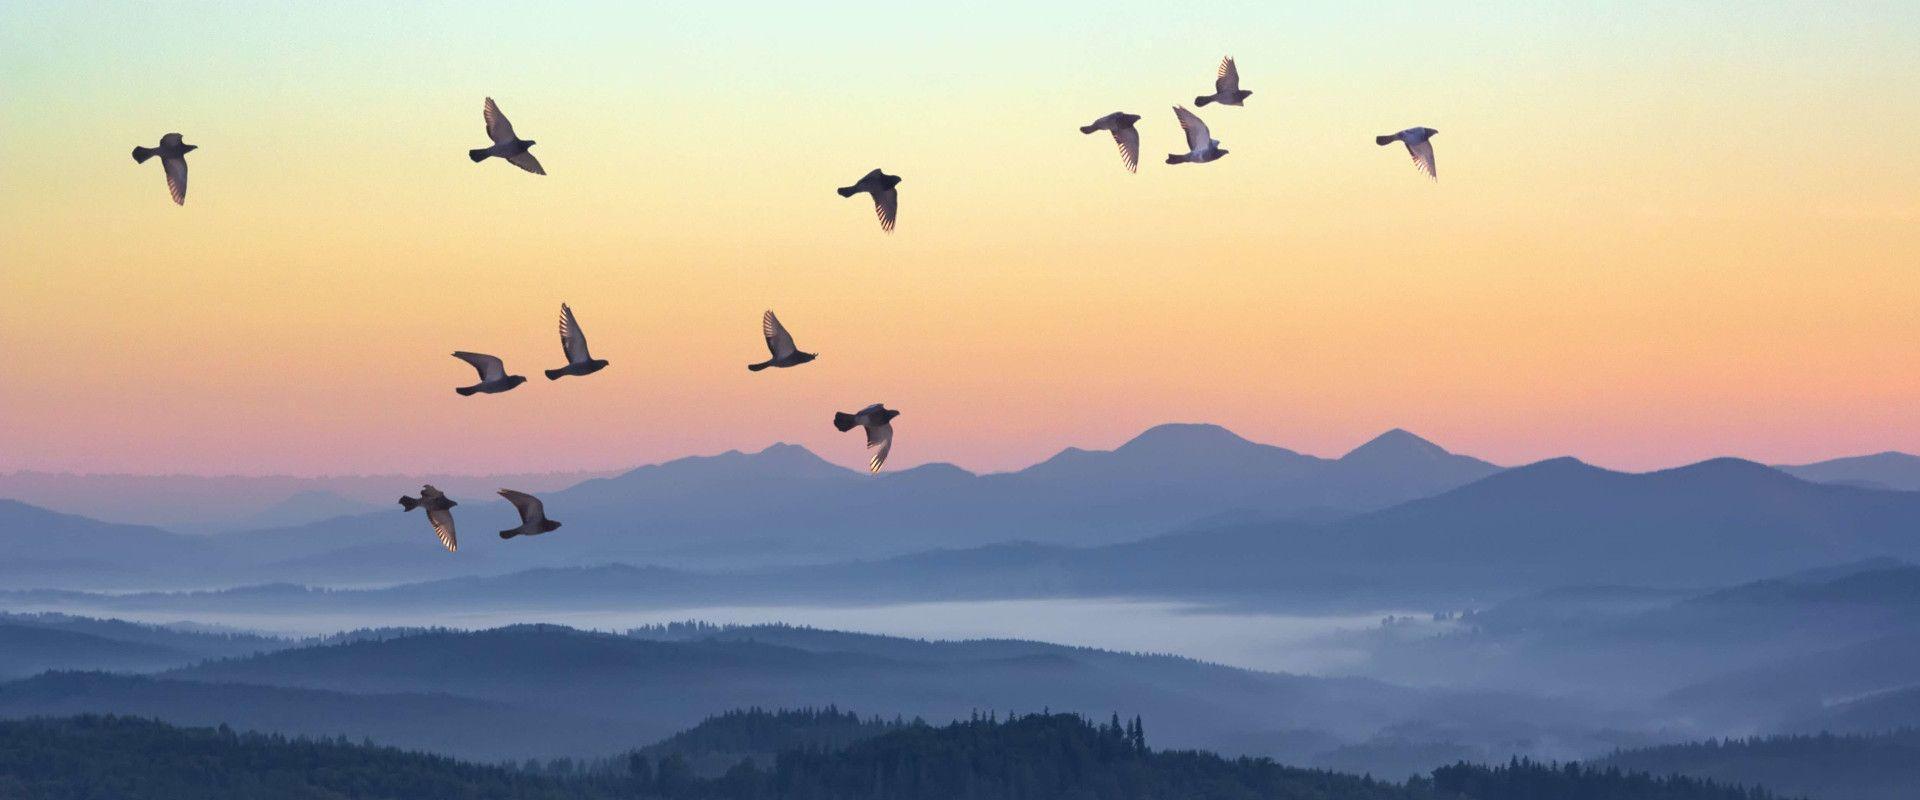 Des oiseaux s'envolent, pour illustrer l'envol du patient